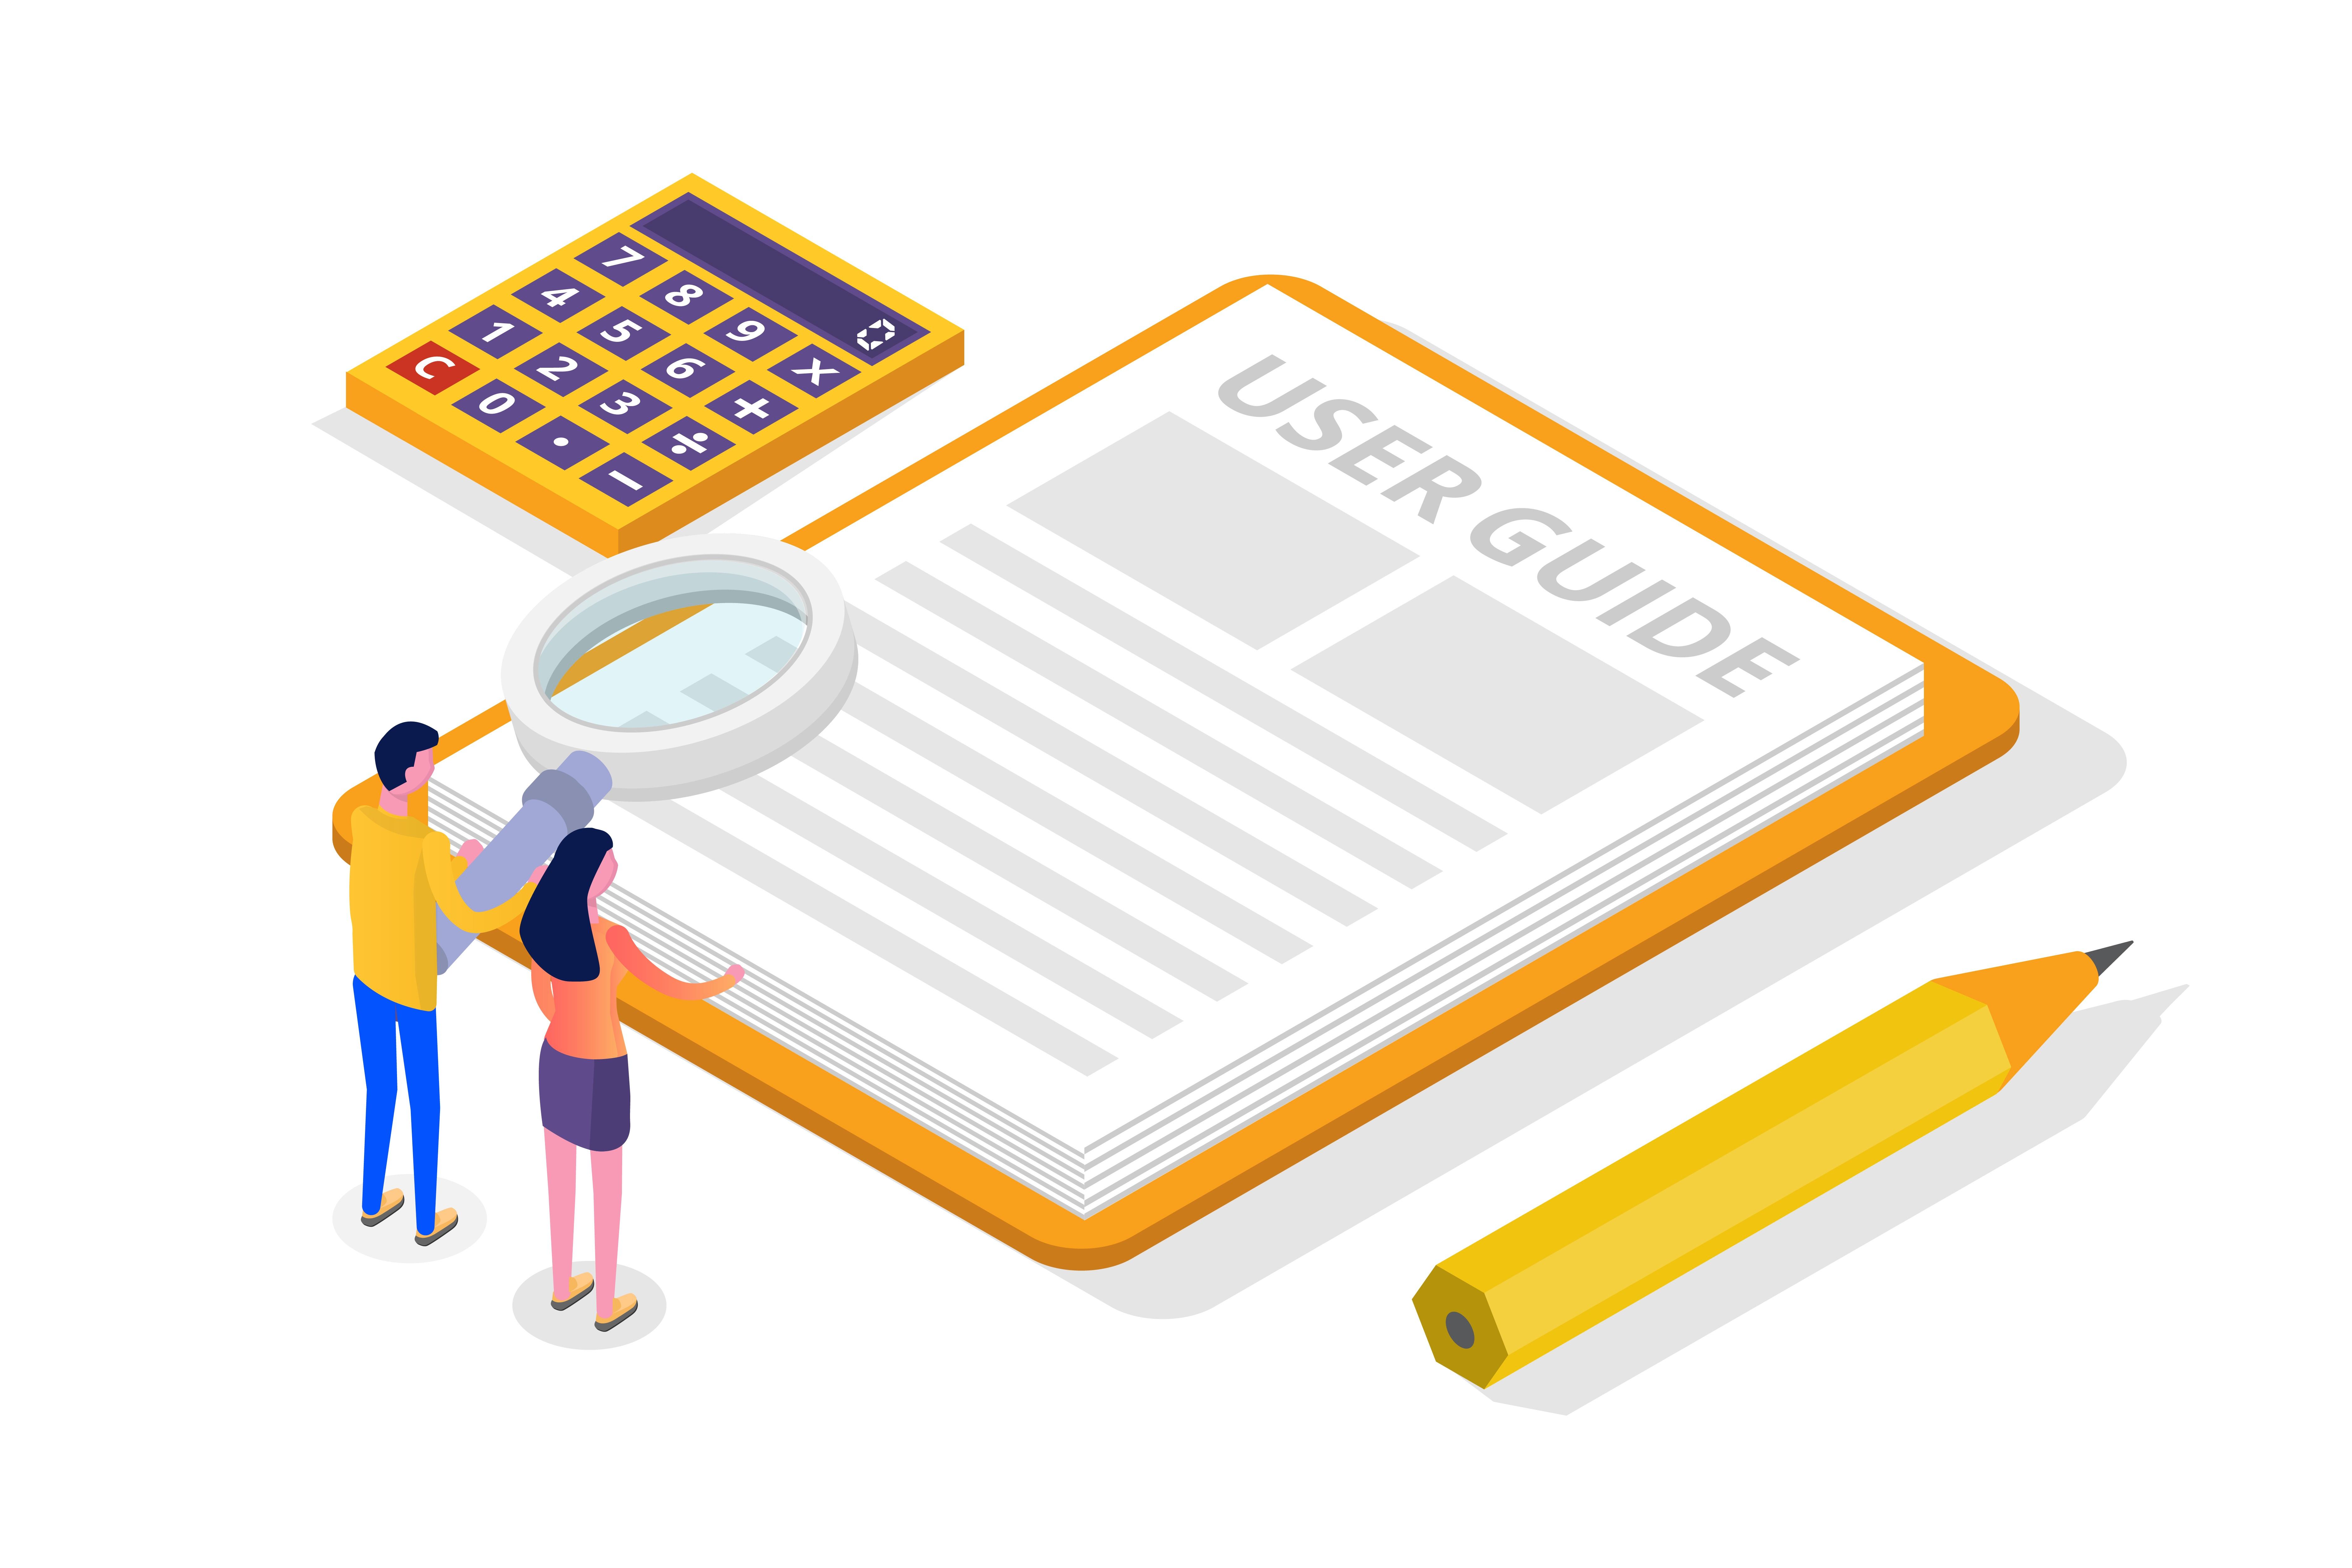 user-guide-illustration